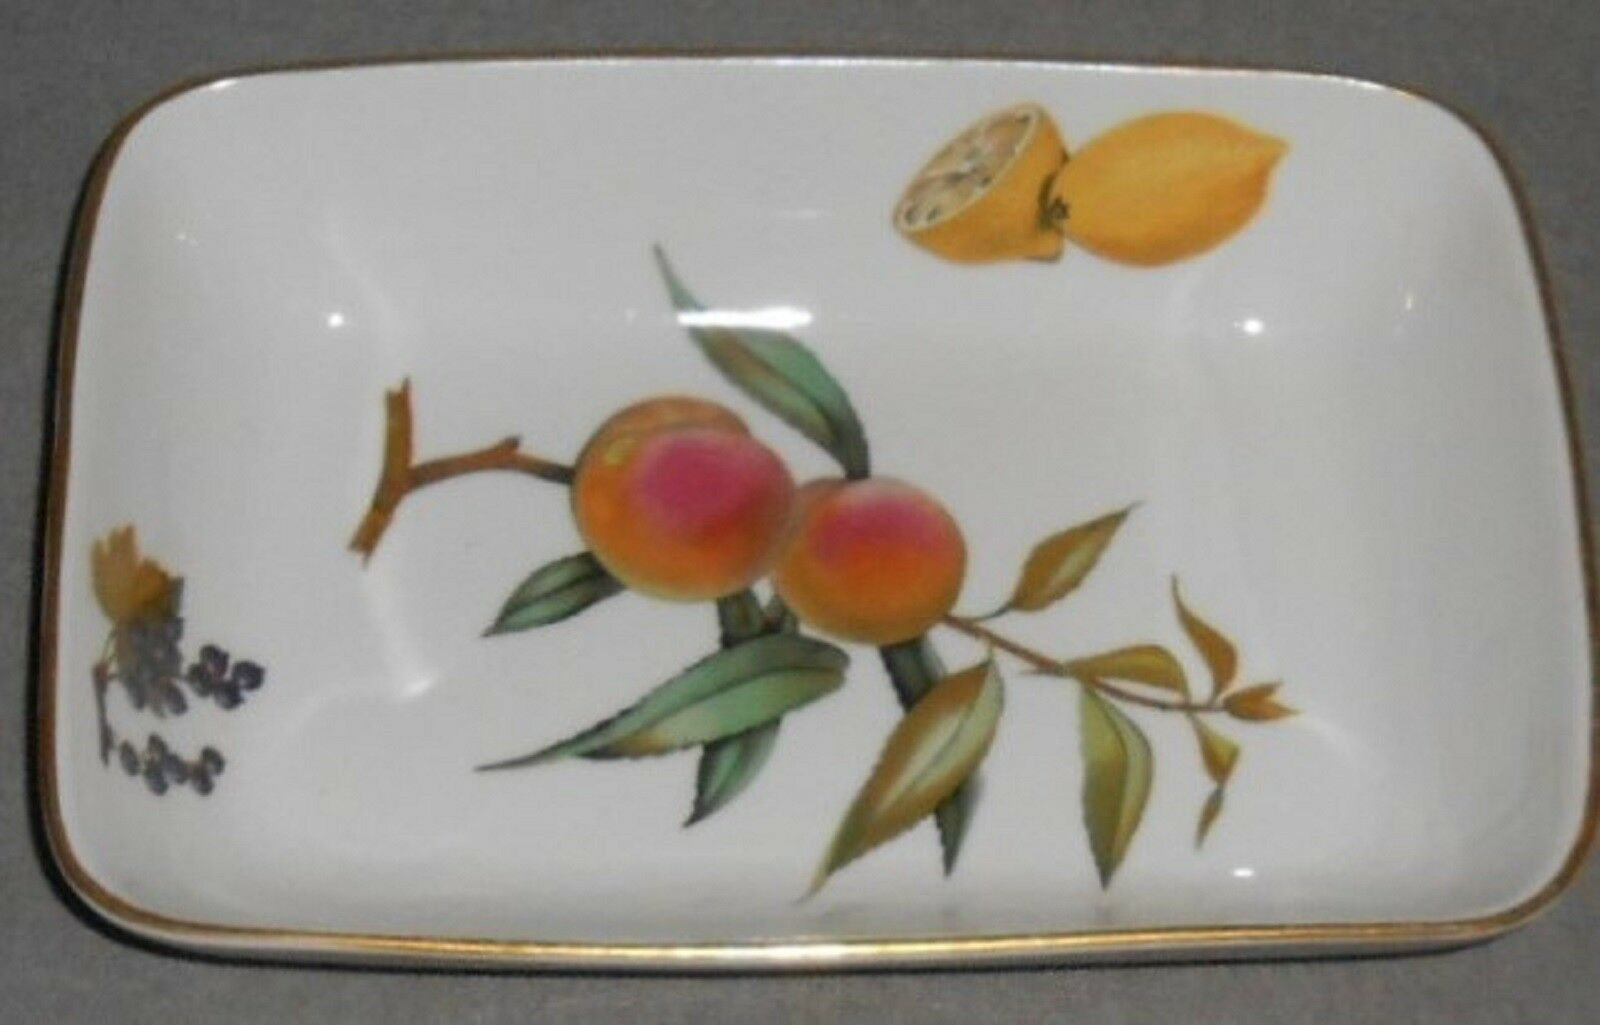 Royal Worcester EVESHAM GOLD PATTERN Rectangular Baking Dish MADE IN ENGLAND image 7